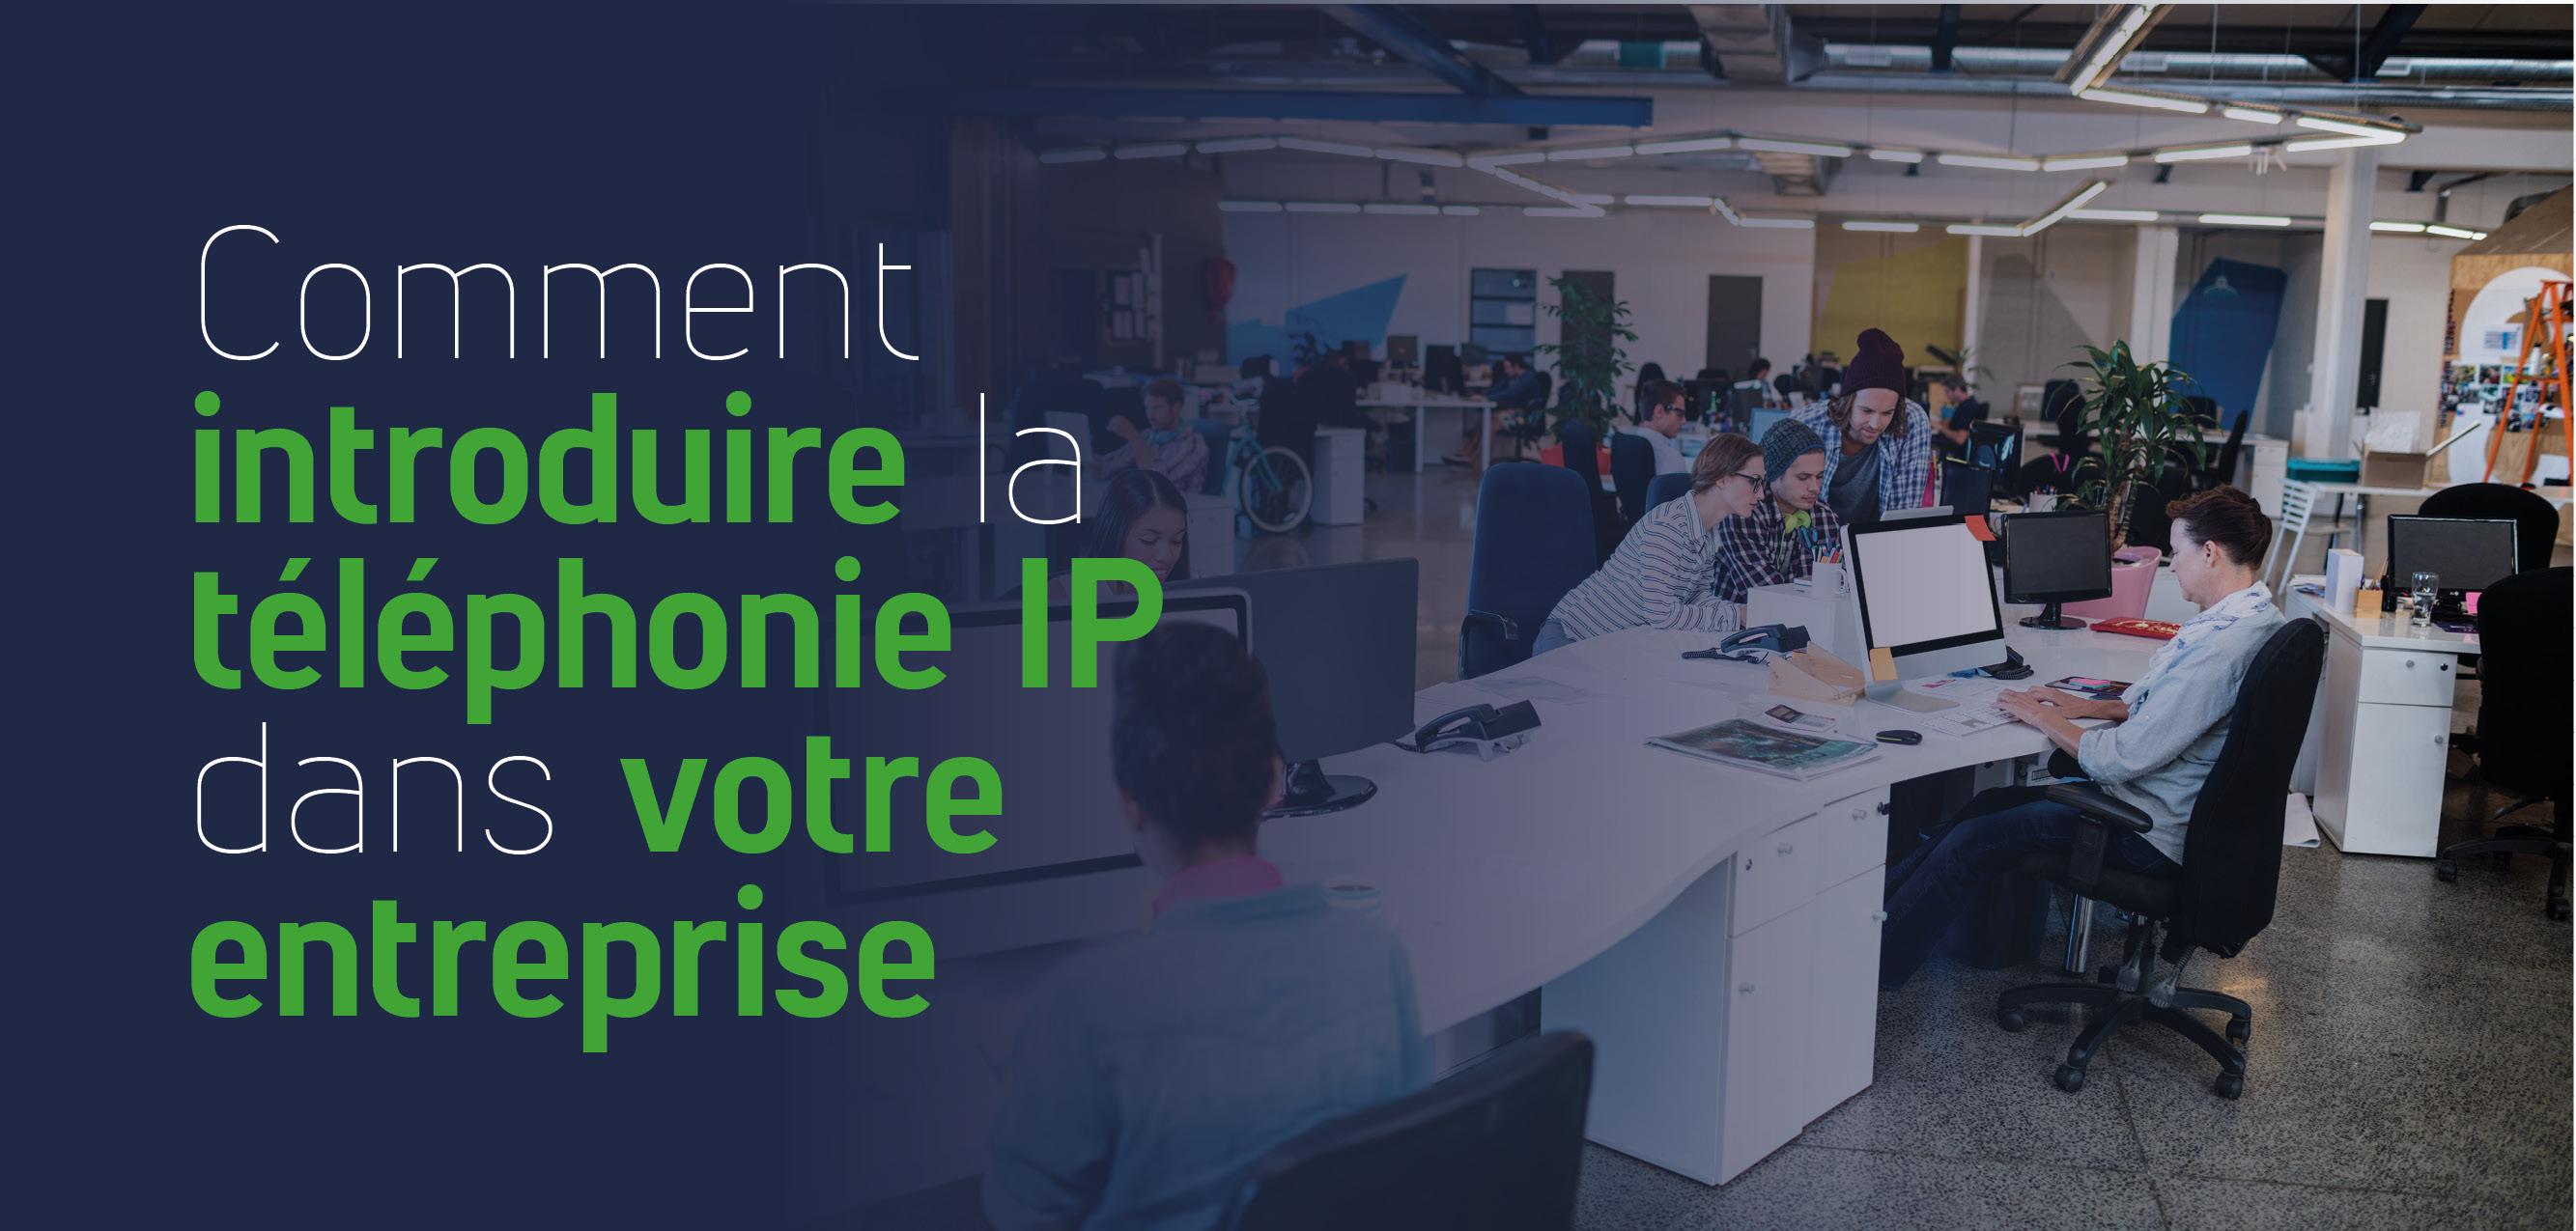 Comment introduire la téléphonie IP dans votre entreprise